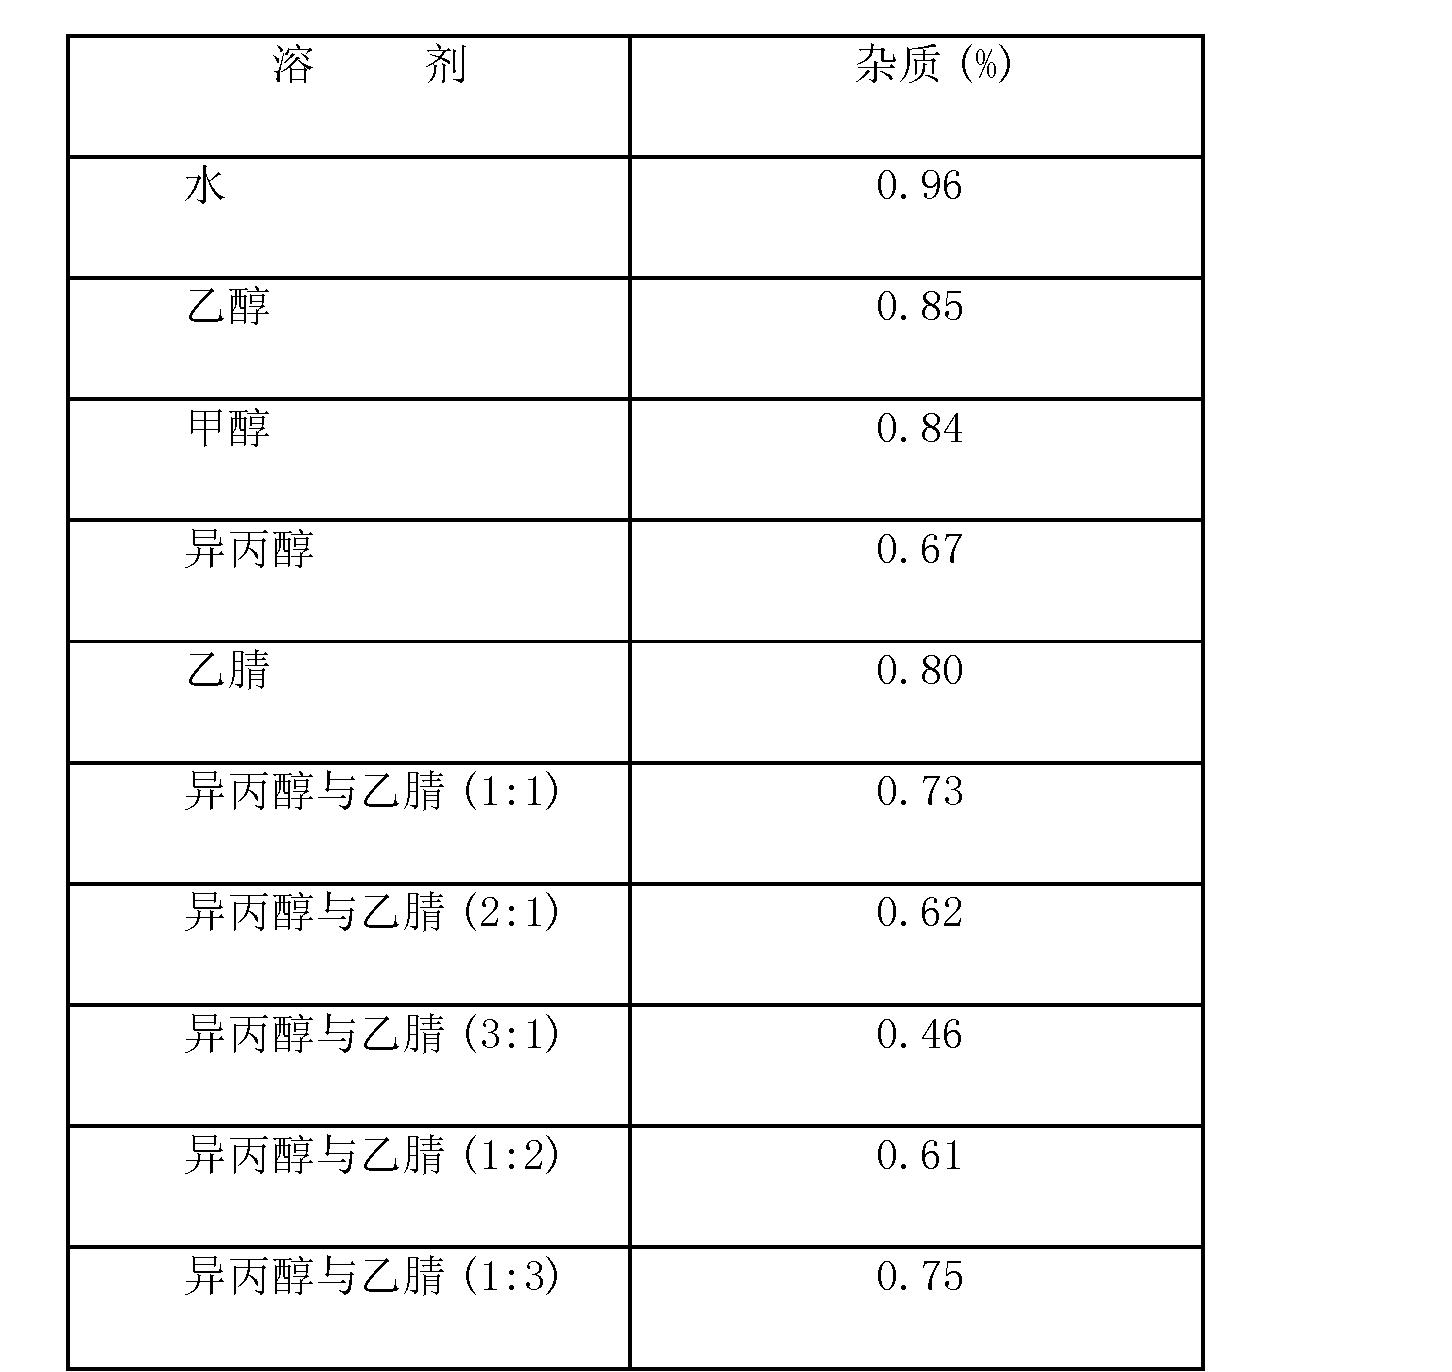 其结构式为: [0003] 分子式:csh14nic^pt分子量:397.